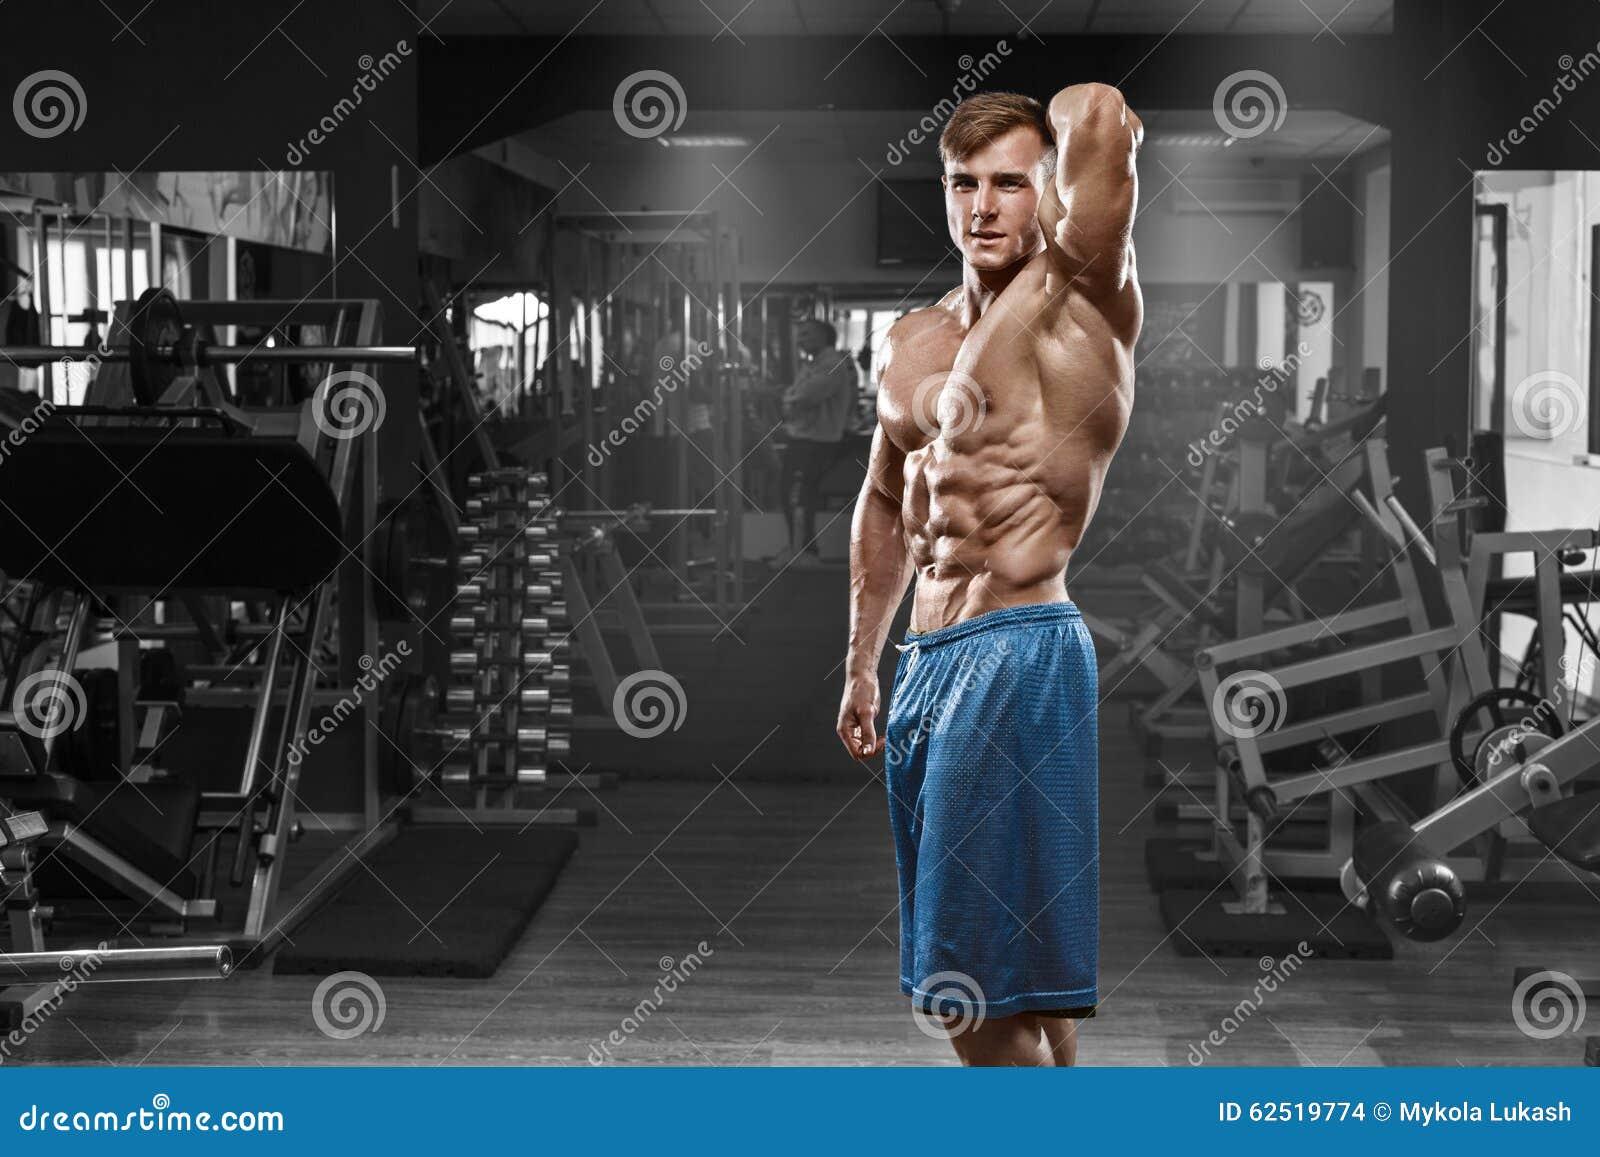 Προκλητική μυϊκή τοποθέτηση ατόμων στη γυμναστική, διαμορφωμένος κοιλιακός Ισχυρά αρσενικά γυμνά ABS κορμών, επίλυση